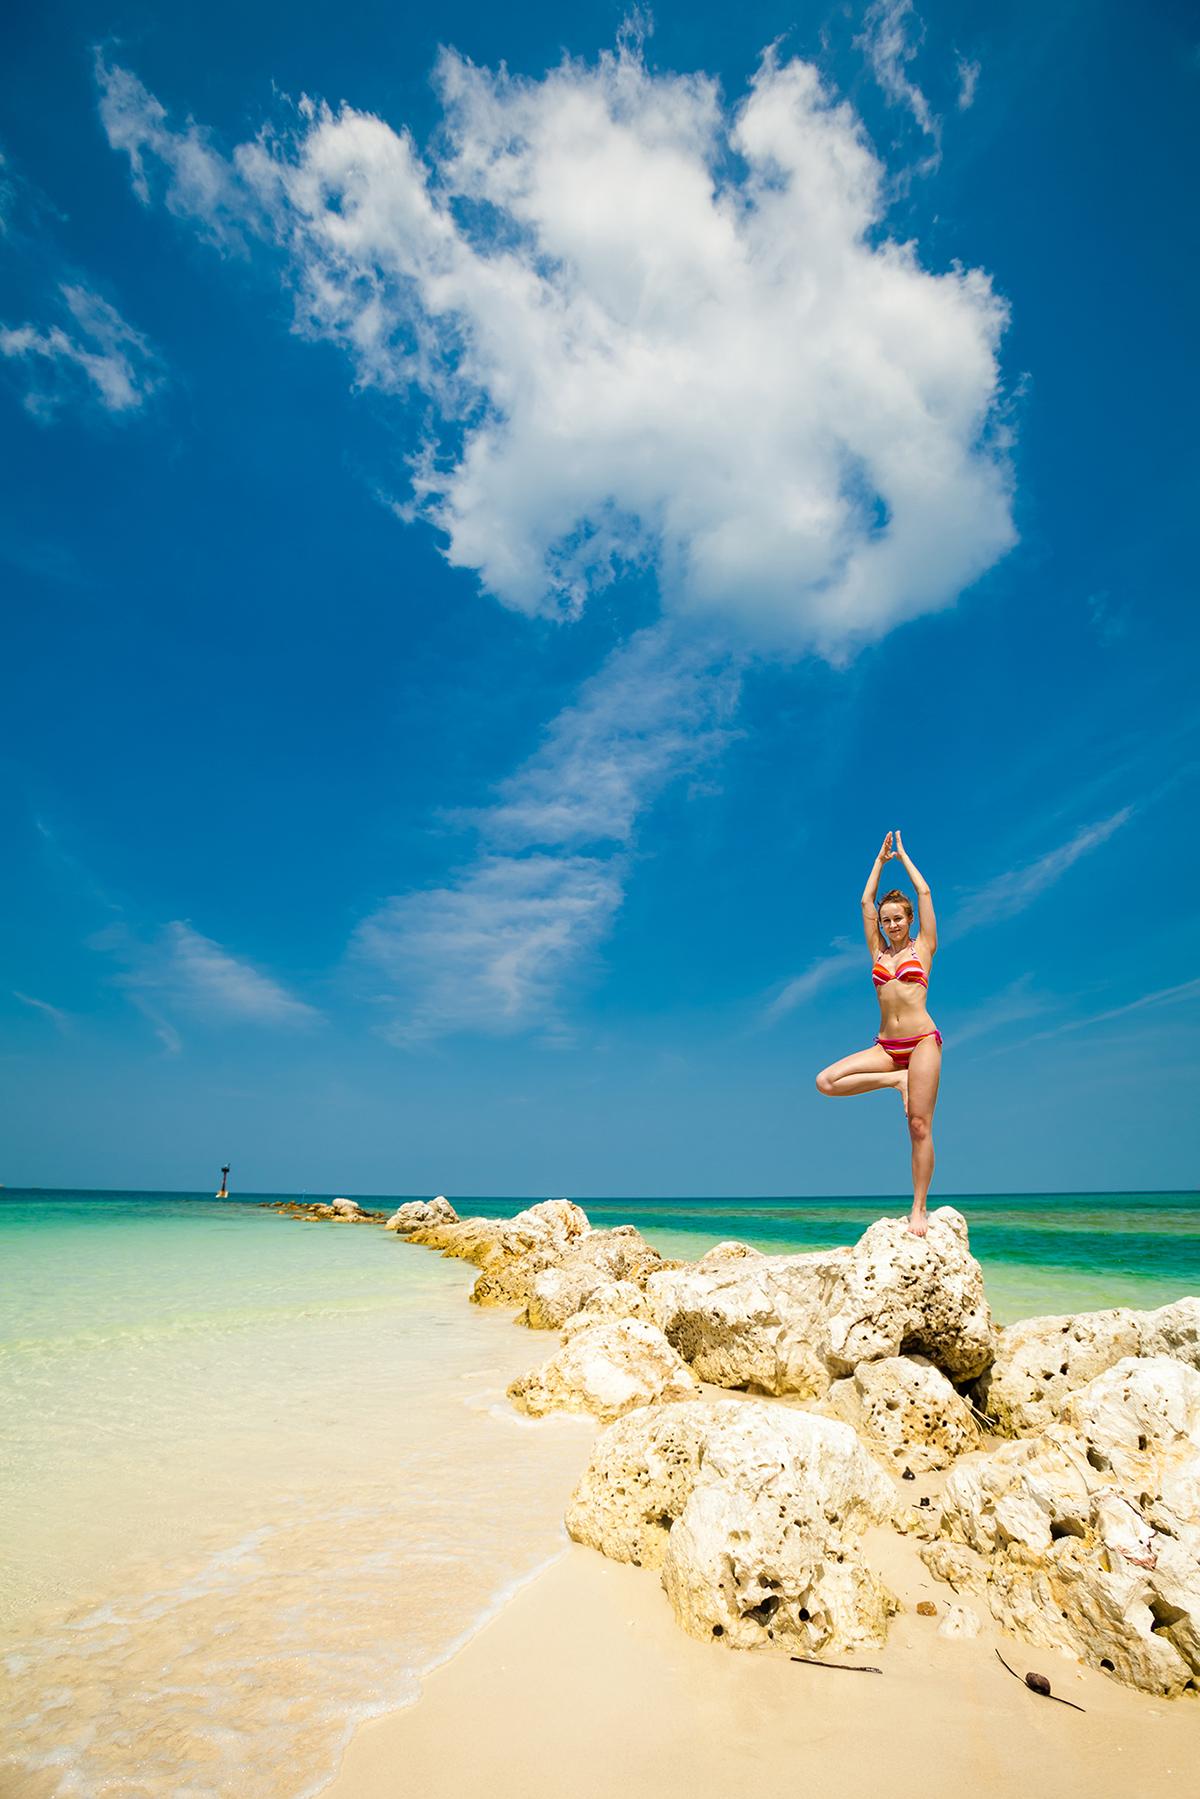 zdjecia jogi na plazy fotografia slask 04 Egzotyczna sesja jogi   fotografia reklamowa